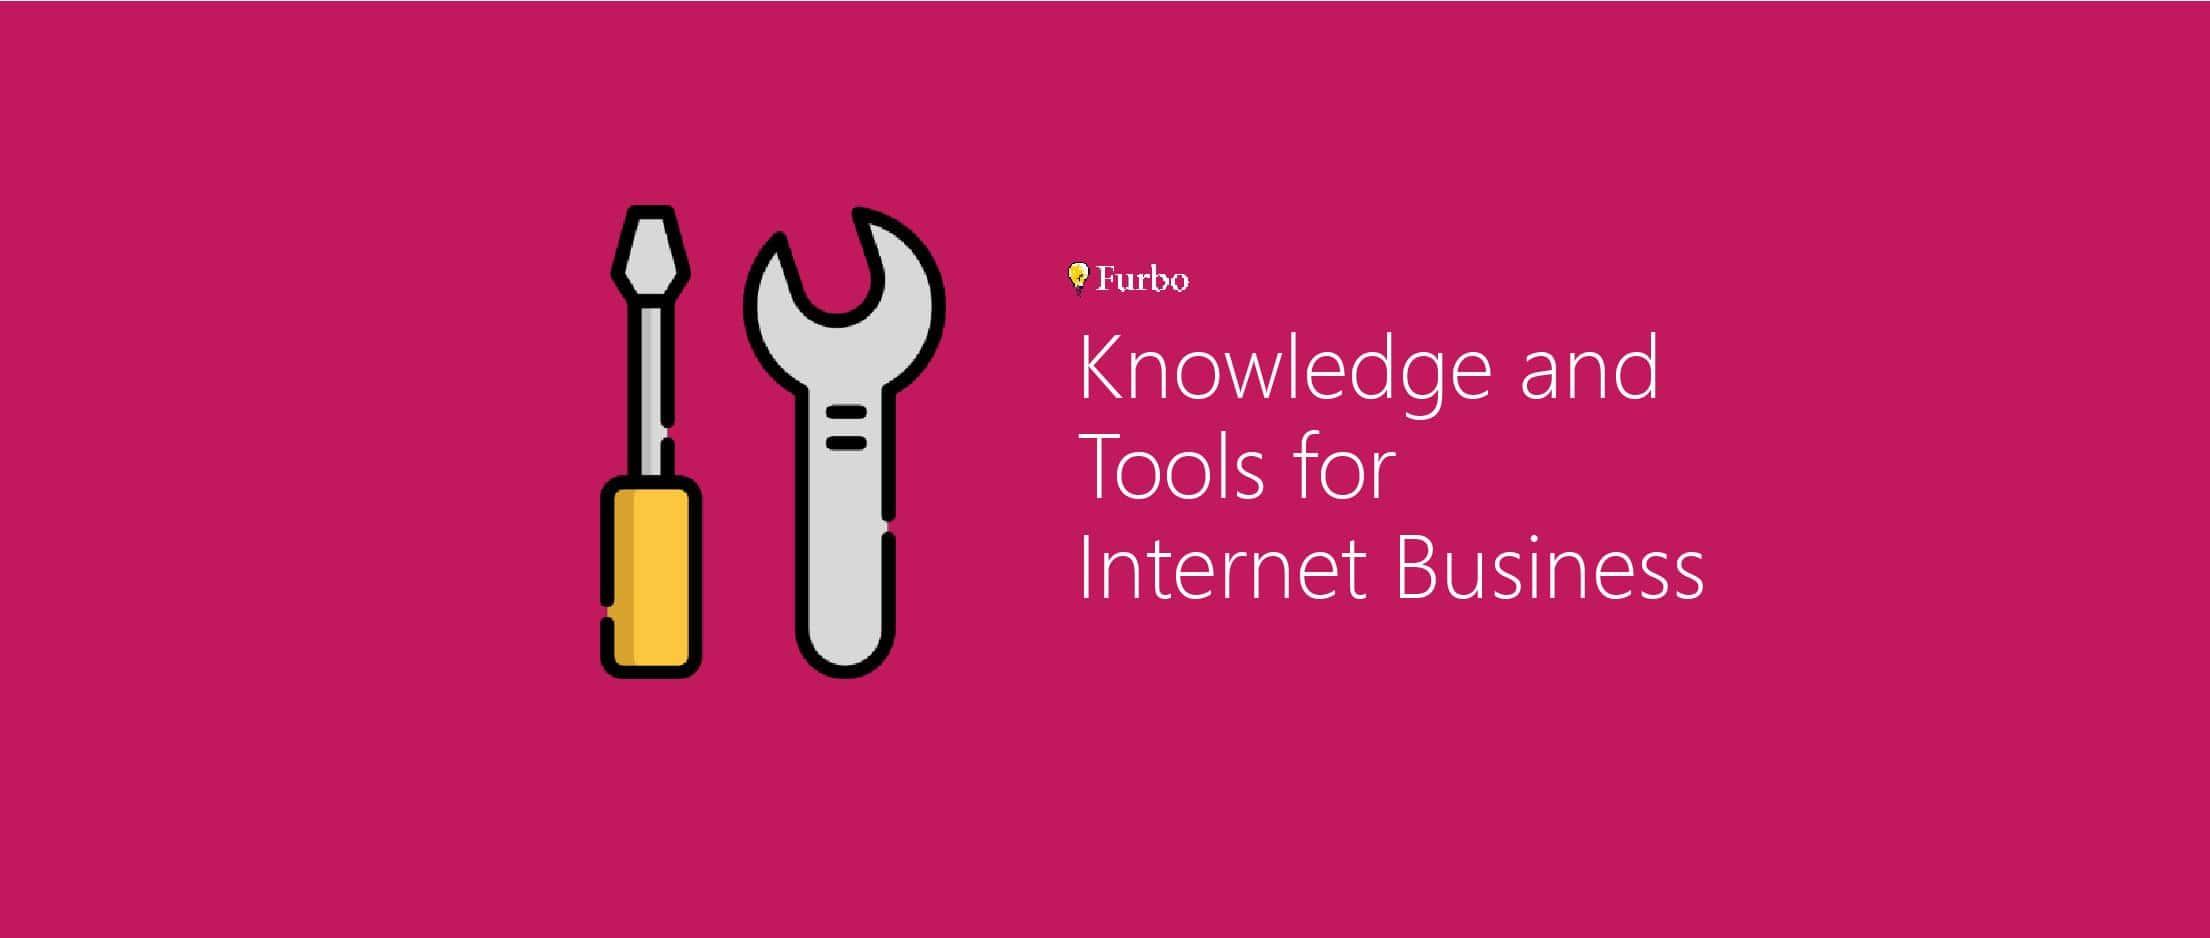 برای راهاندازی کسب و کار اینترنتی نیاز به چه دانش و ابزاری داریم؟